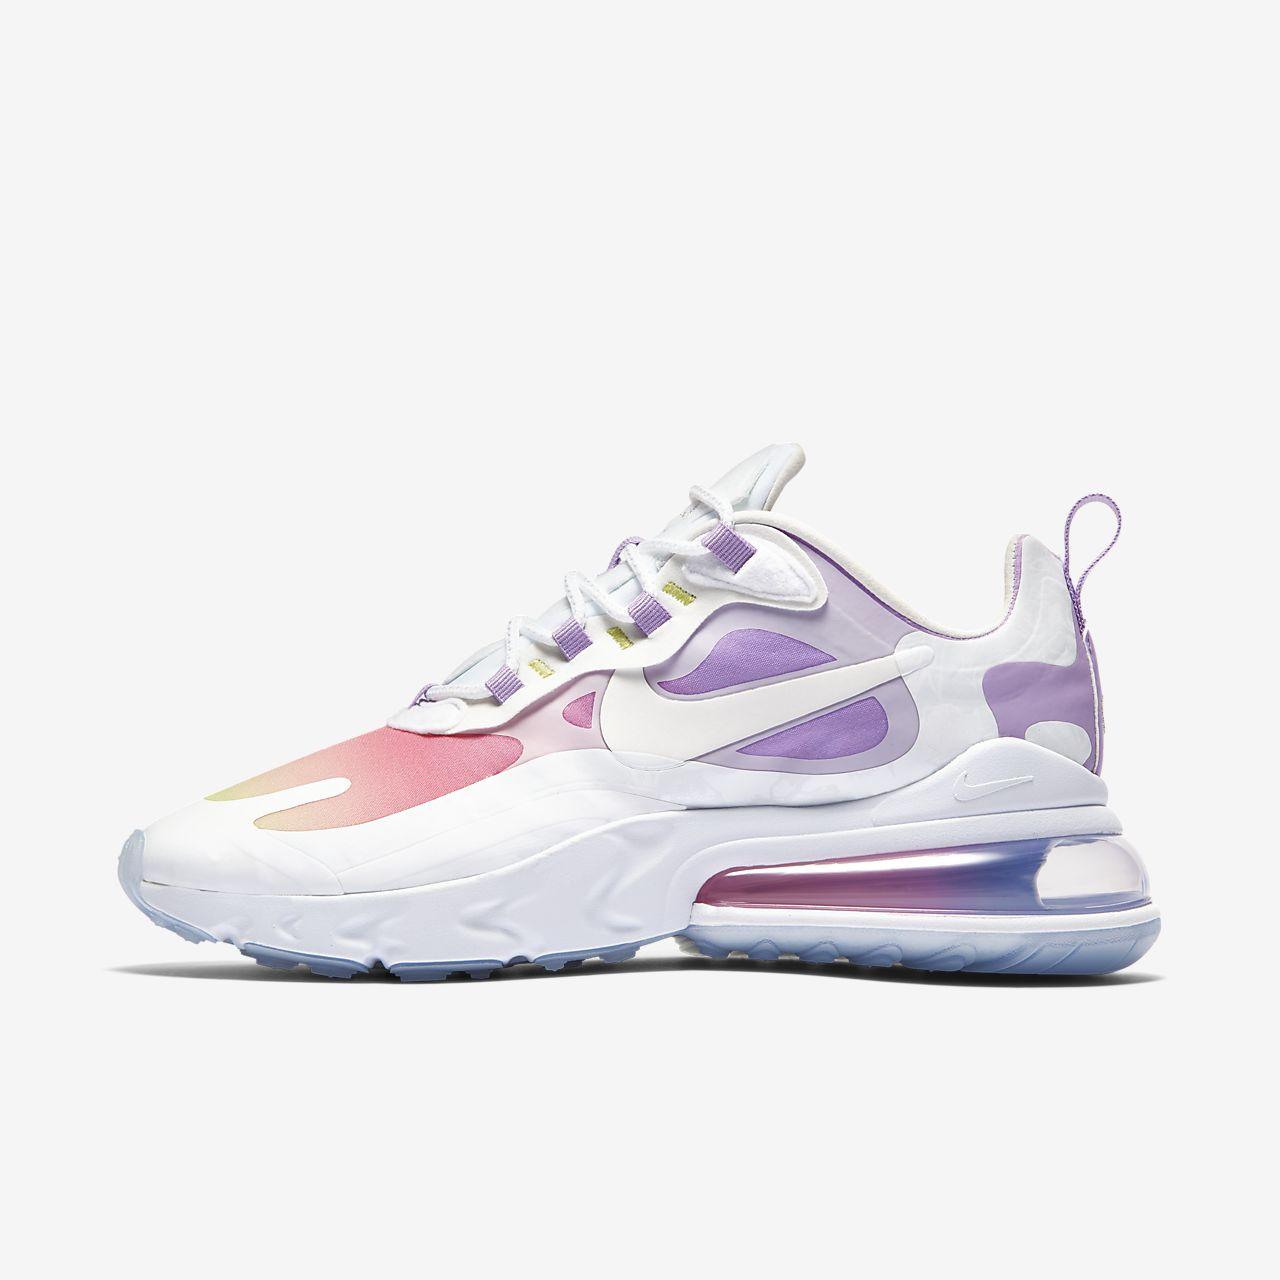 acquisto genuino prodotti di qualità seleziona per ufficiale Scarpa Nike Air Max 270 React - Donna. Nike IT